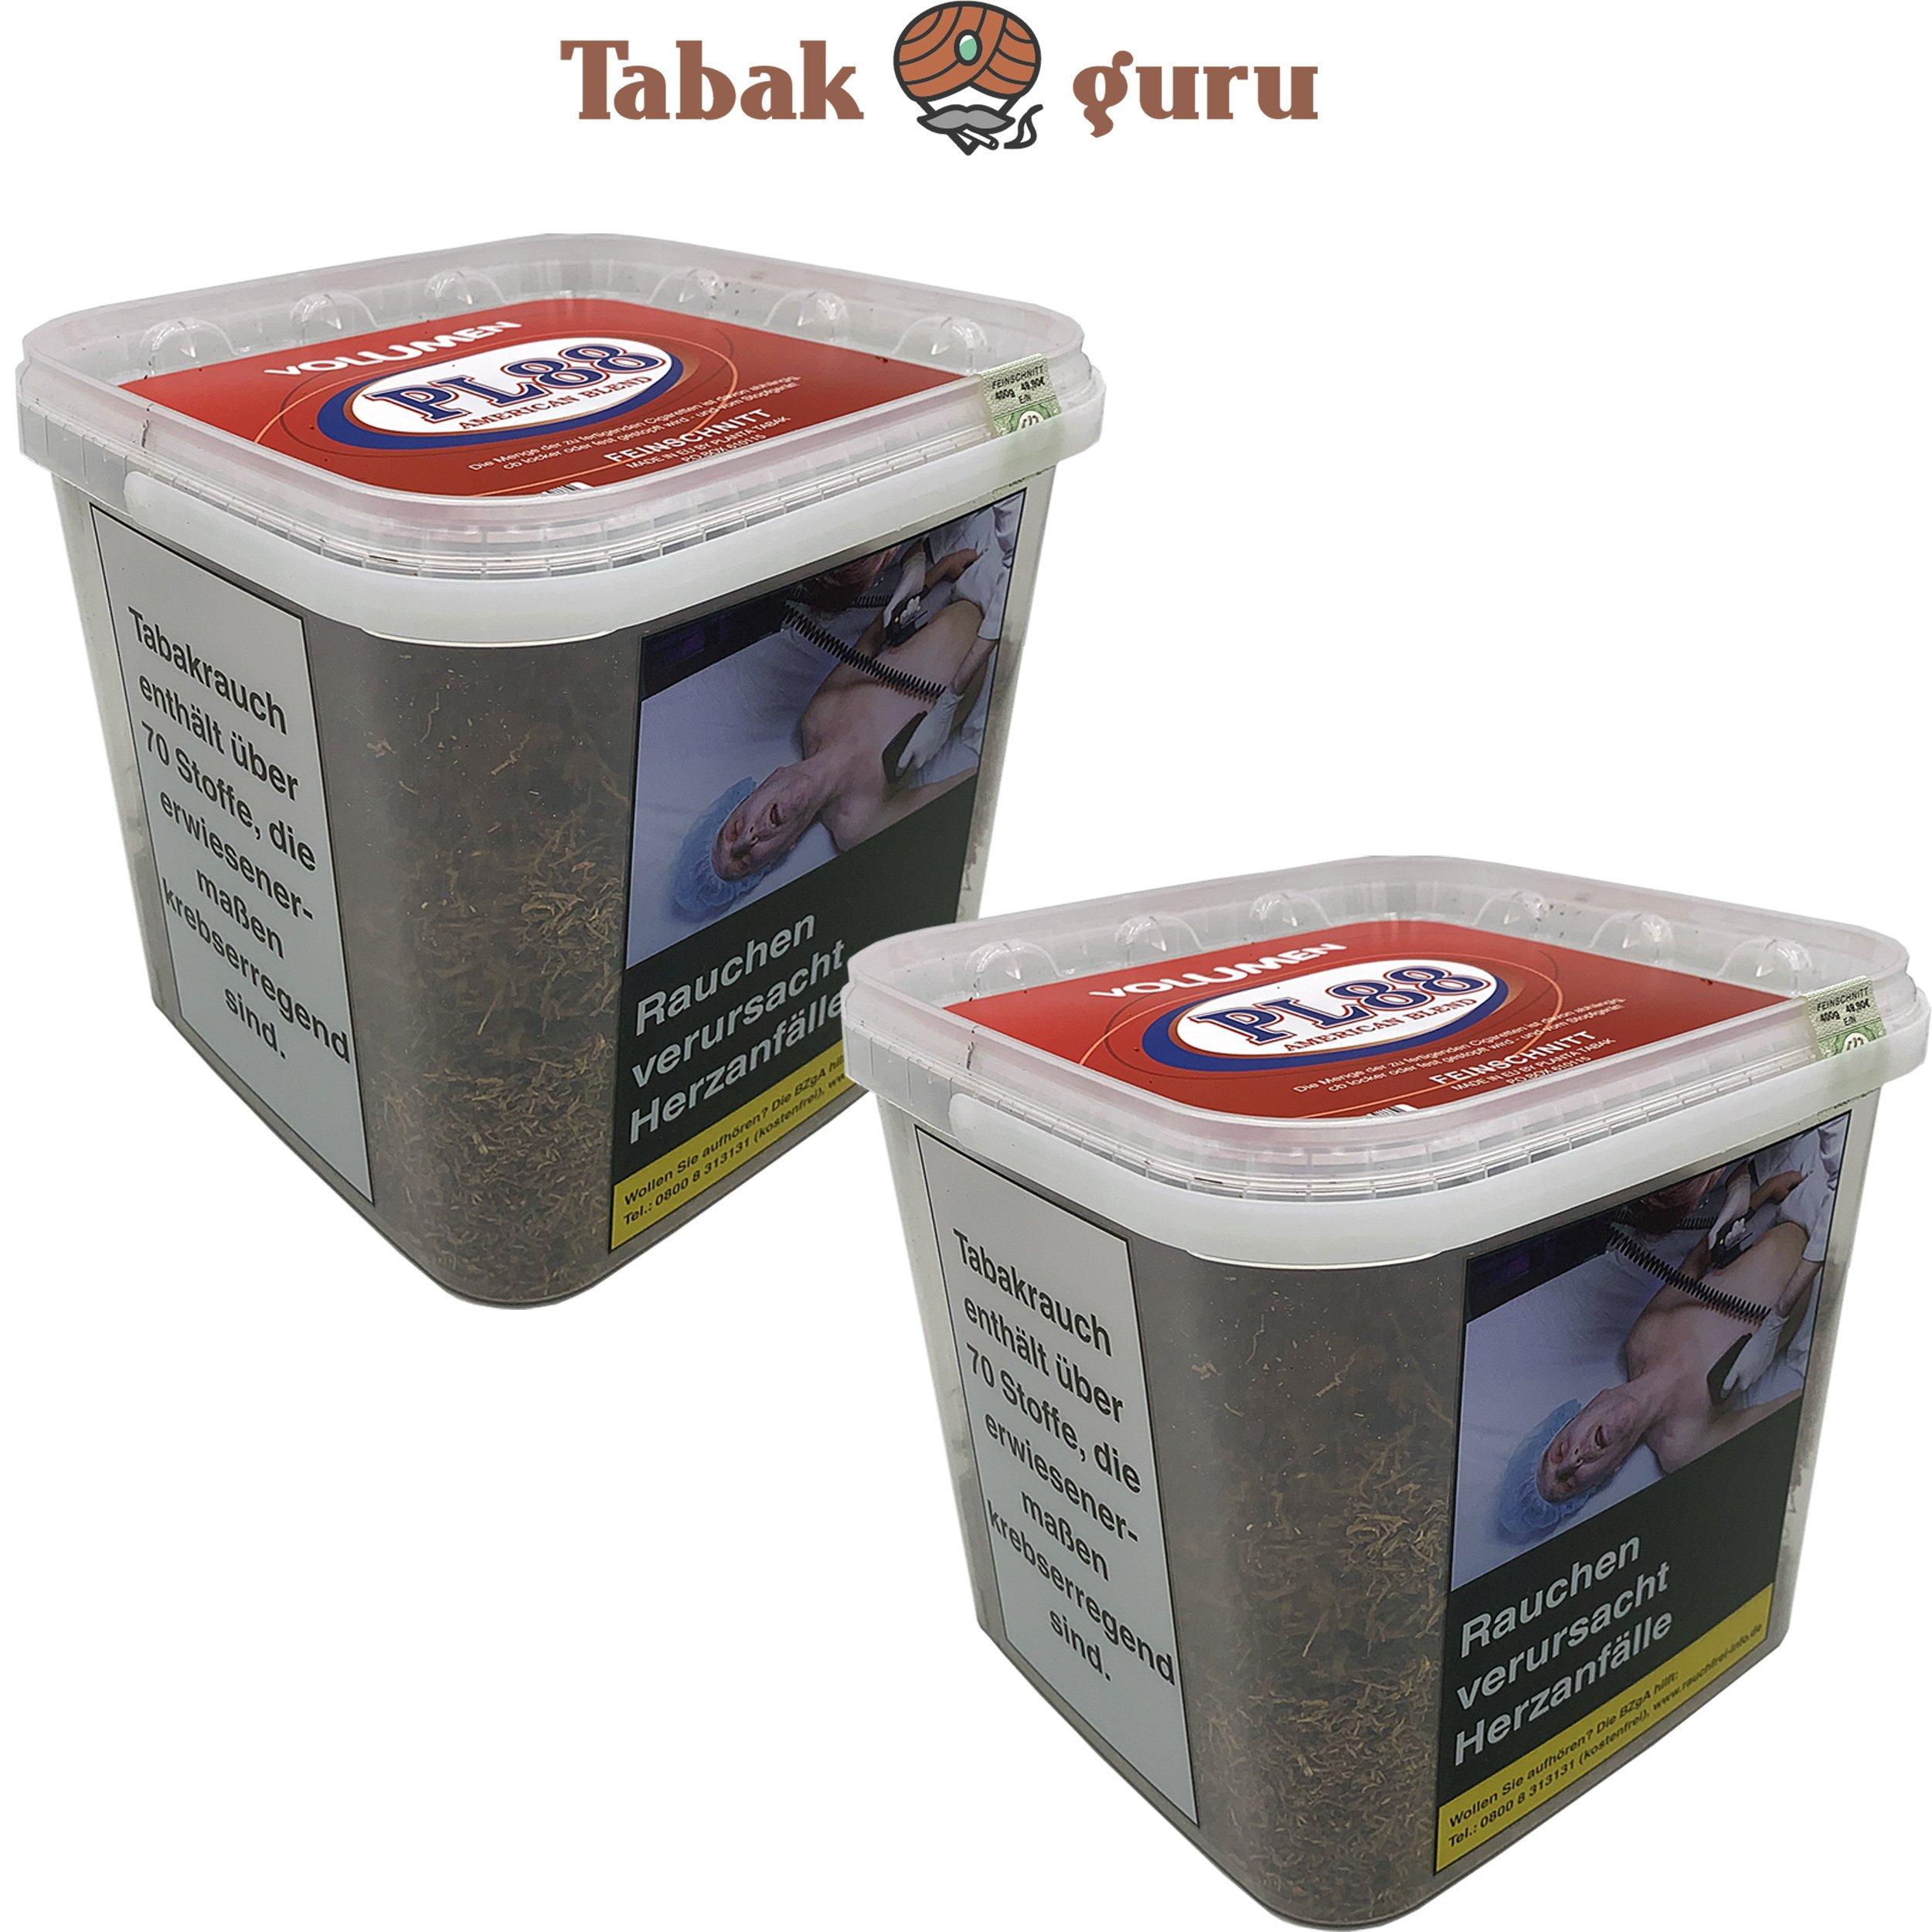 2x PL88 Red / Rot American Blend Tabak / Volumentabak 400g Eimer